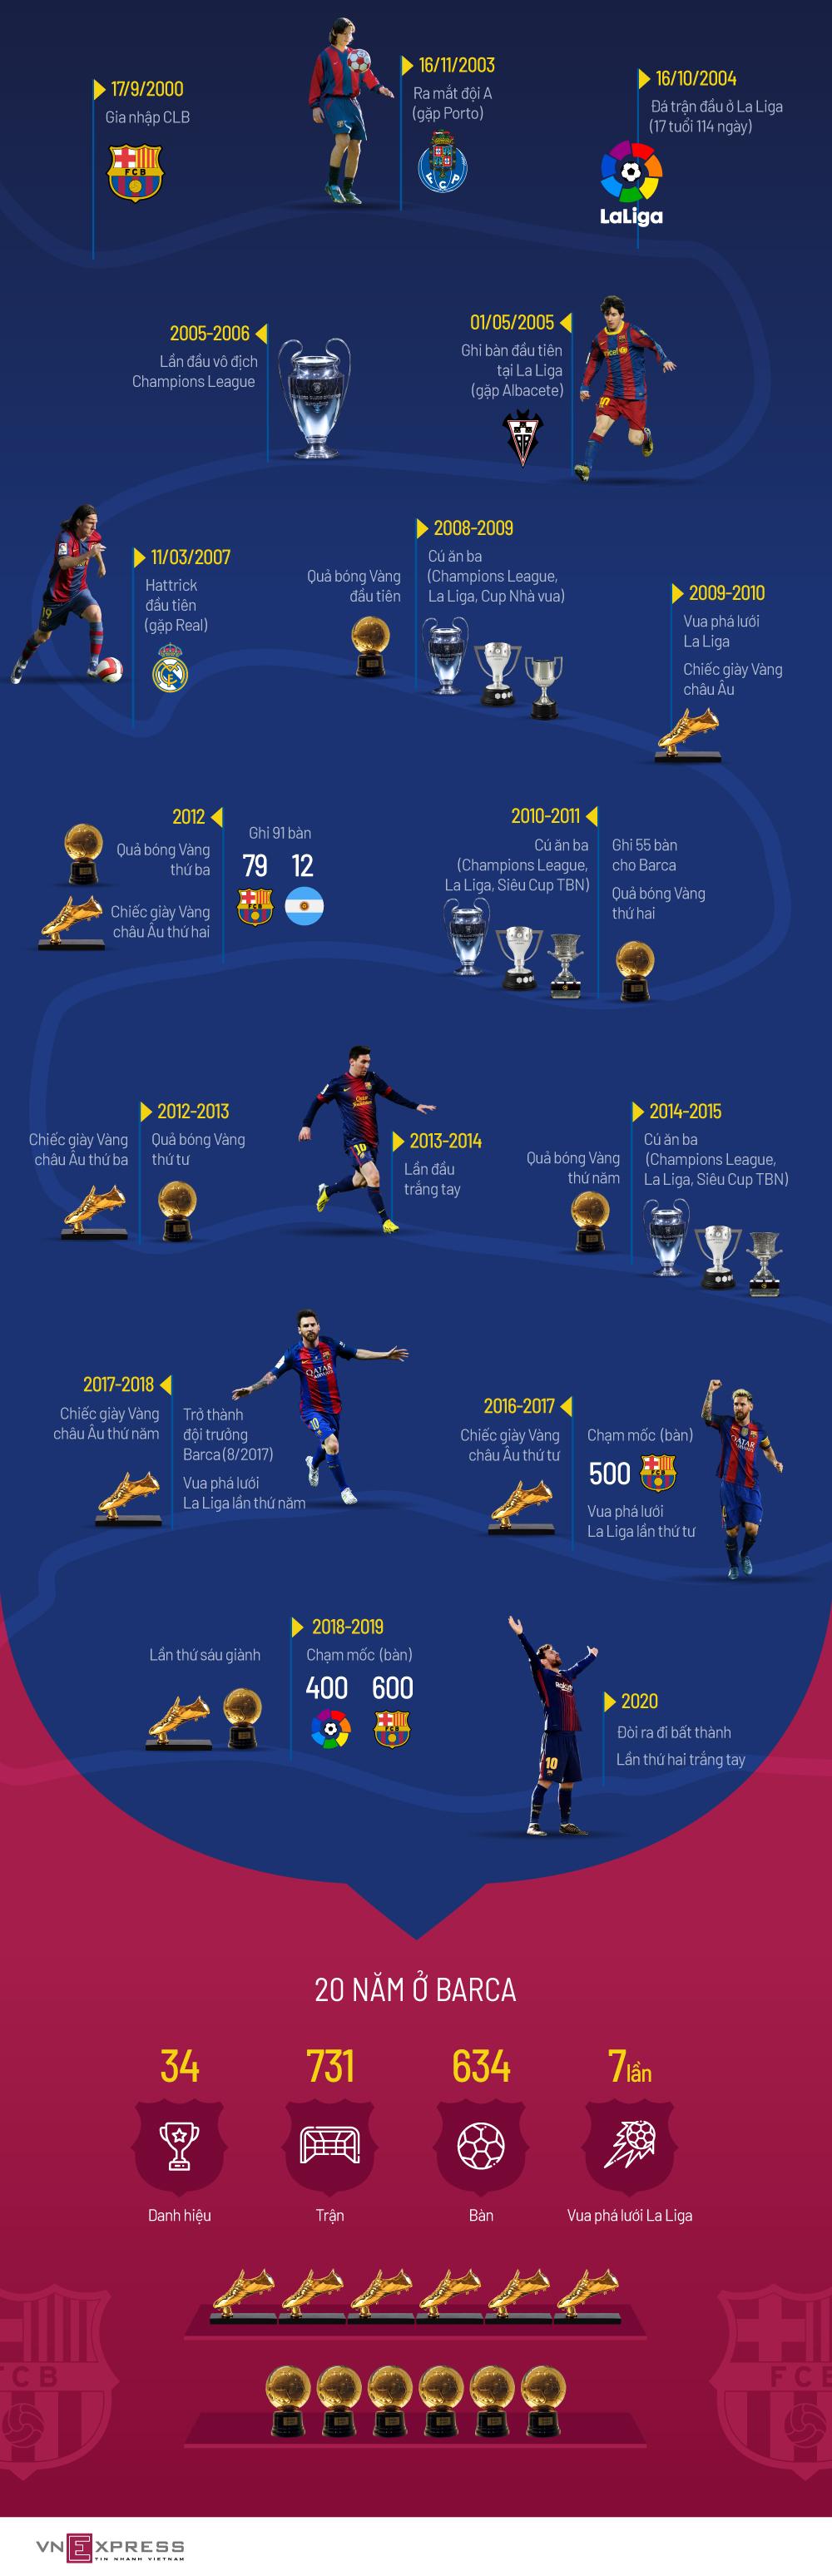 20 năm Lionel Messi gắn bó với Barca